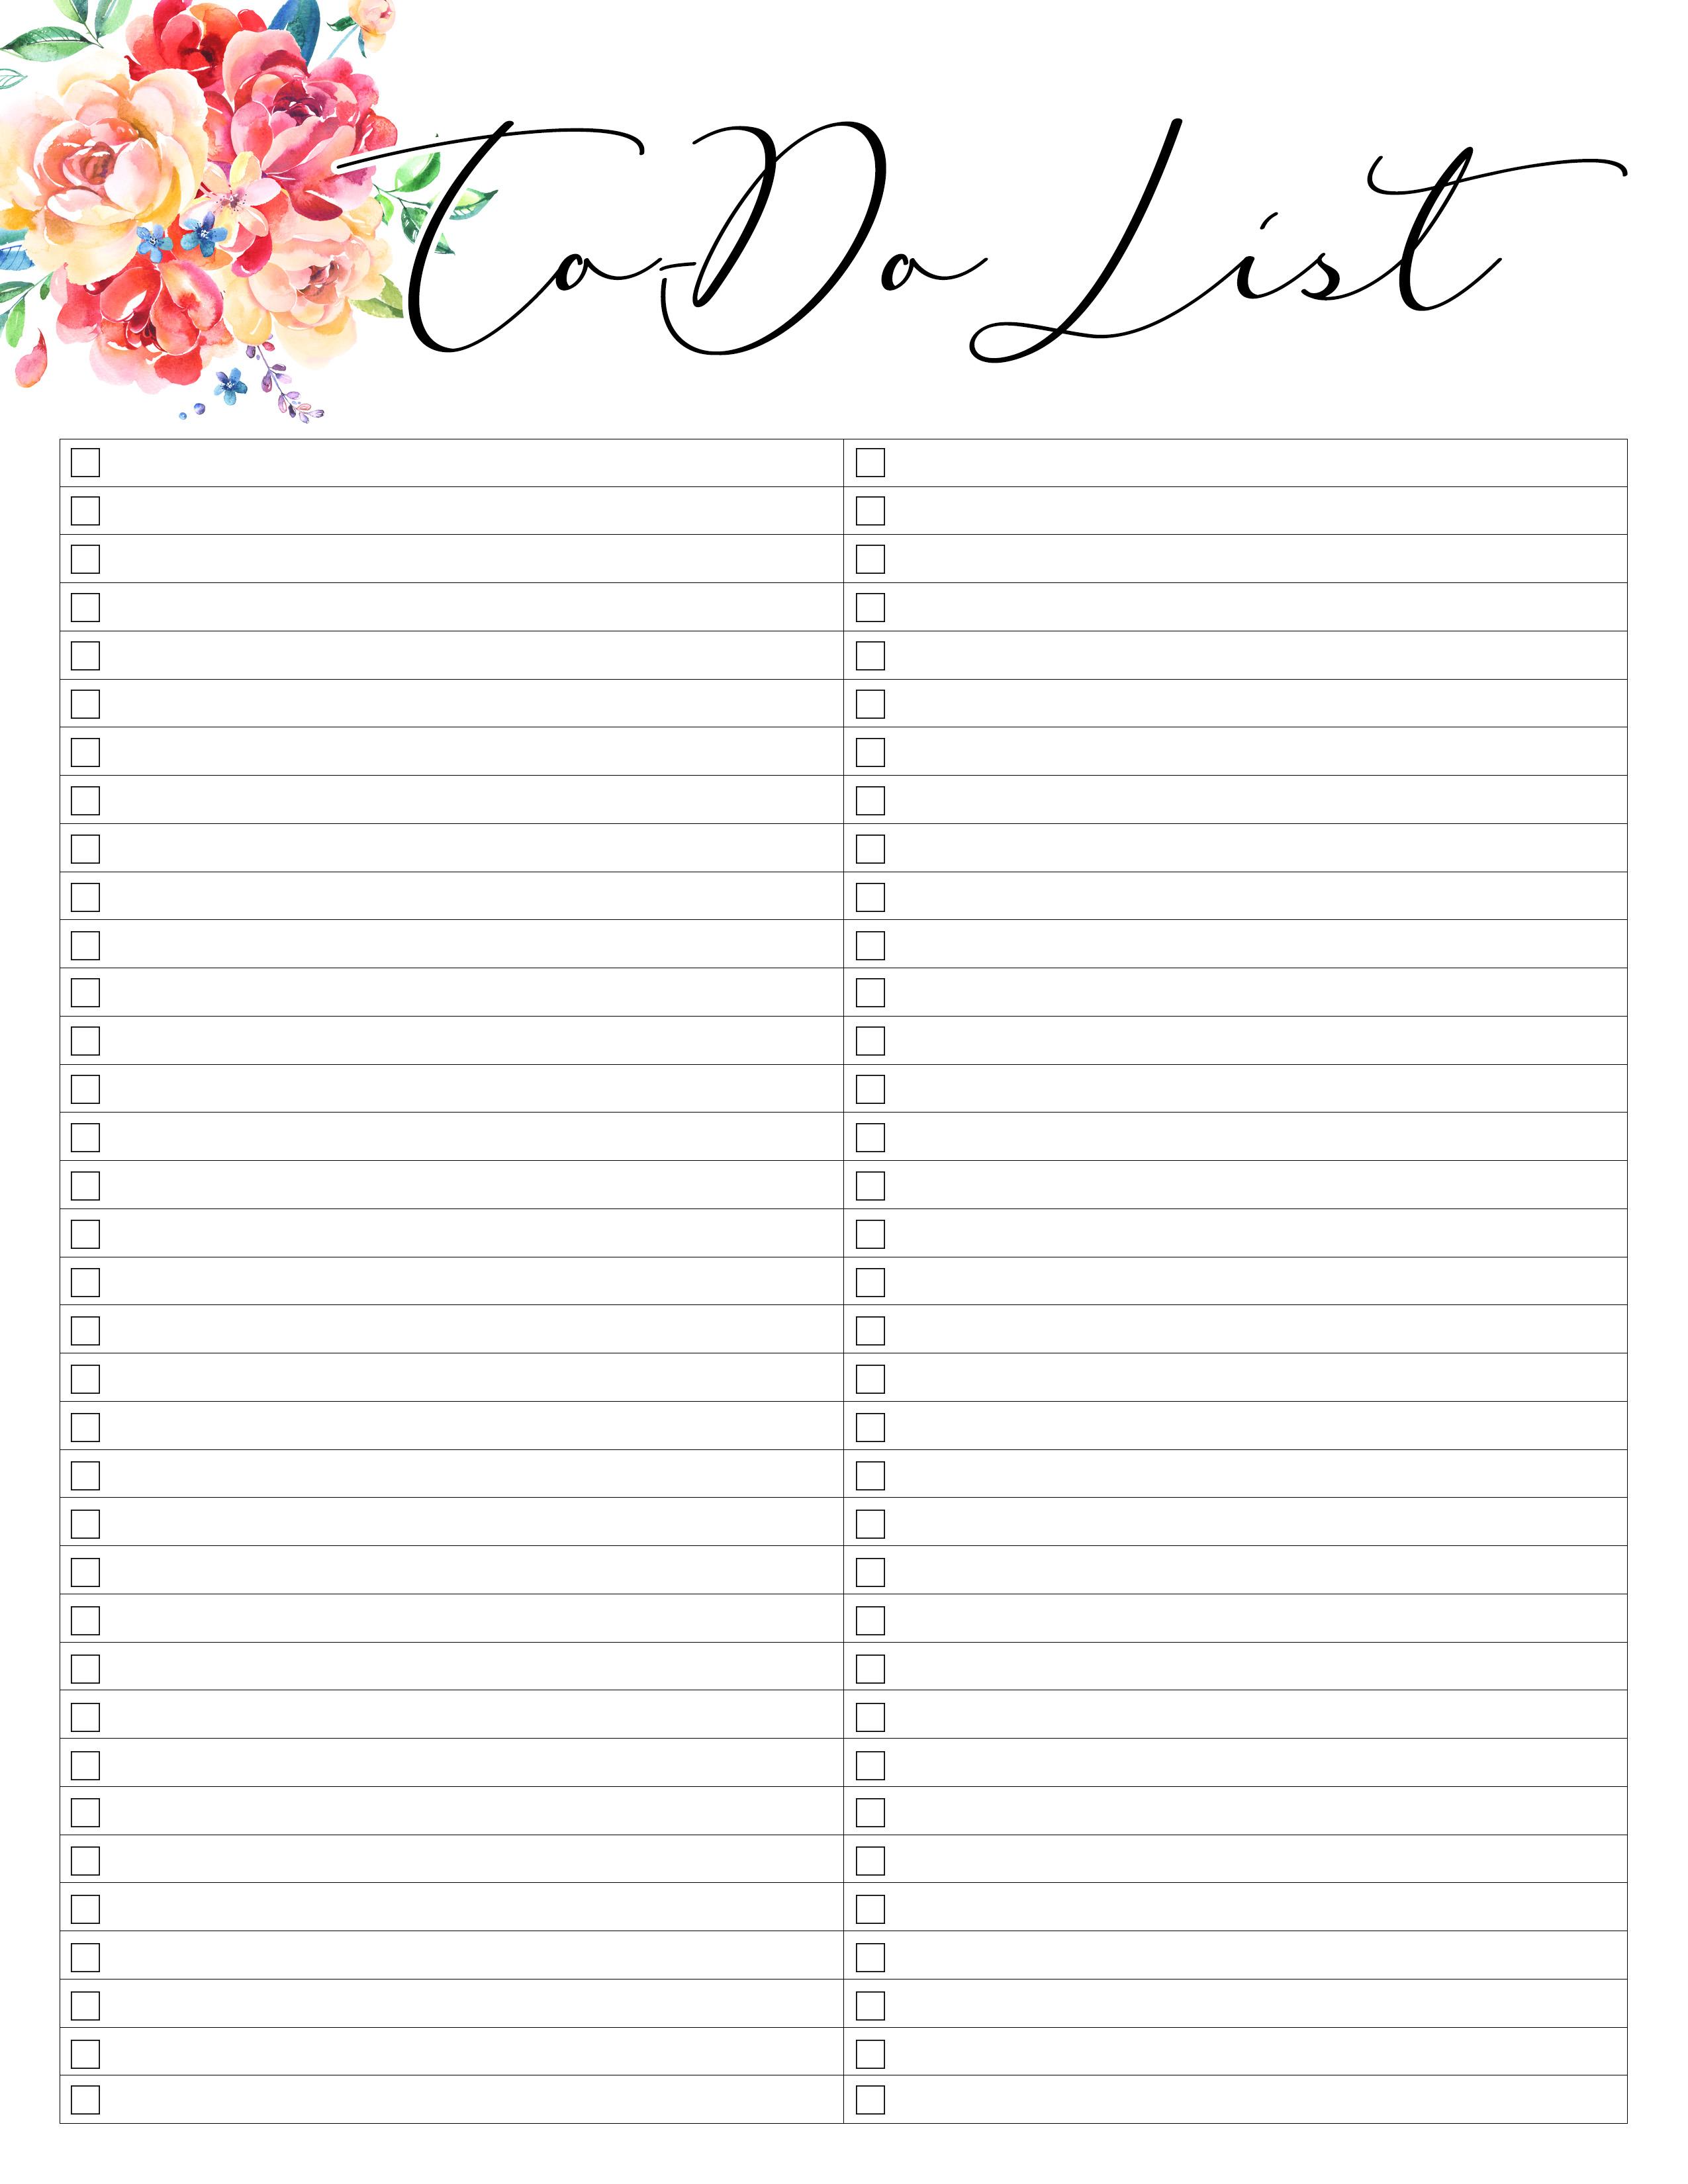 TCM-Floral-Planner-ToDoList - The Cottage Market